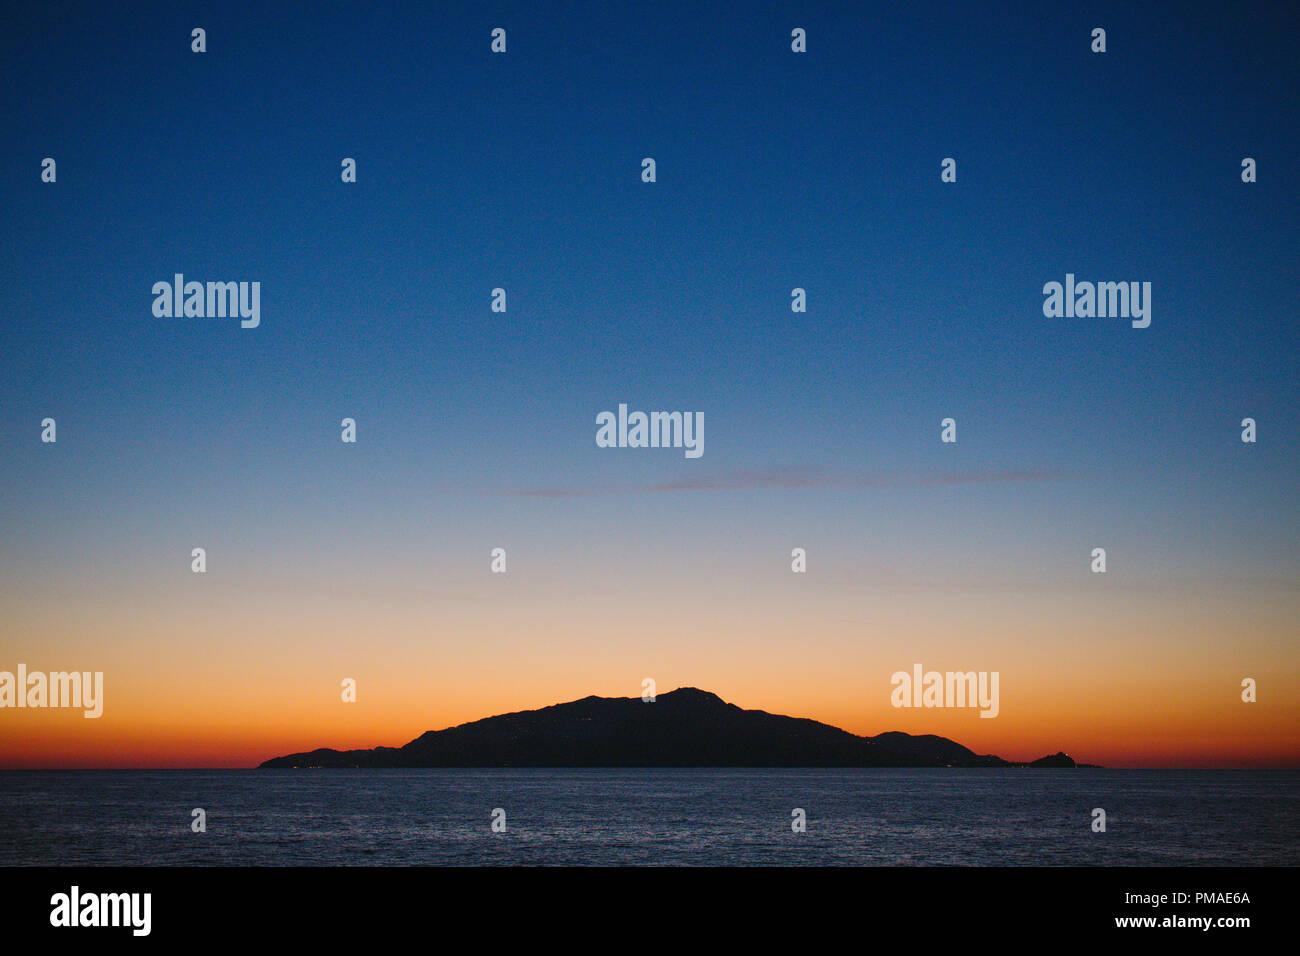 Una piccola isola deserta in mezzo all'oceano isolato all'orizzonte contro una luminosa arancione tramonto. Silhouette. Immagini Stock